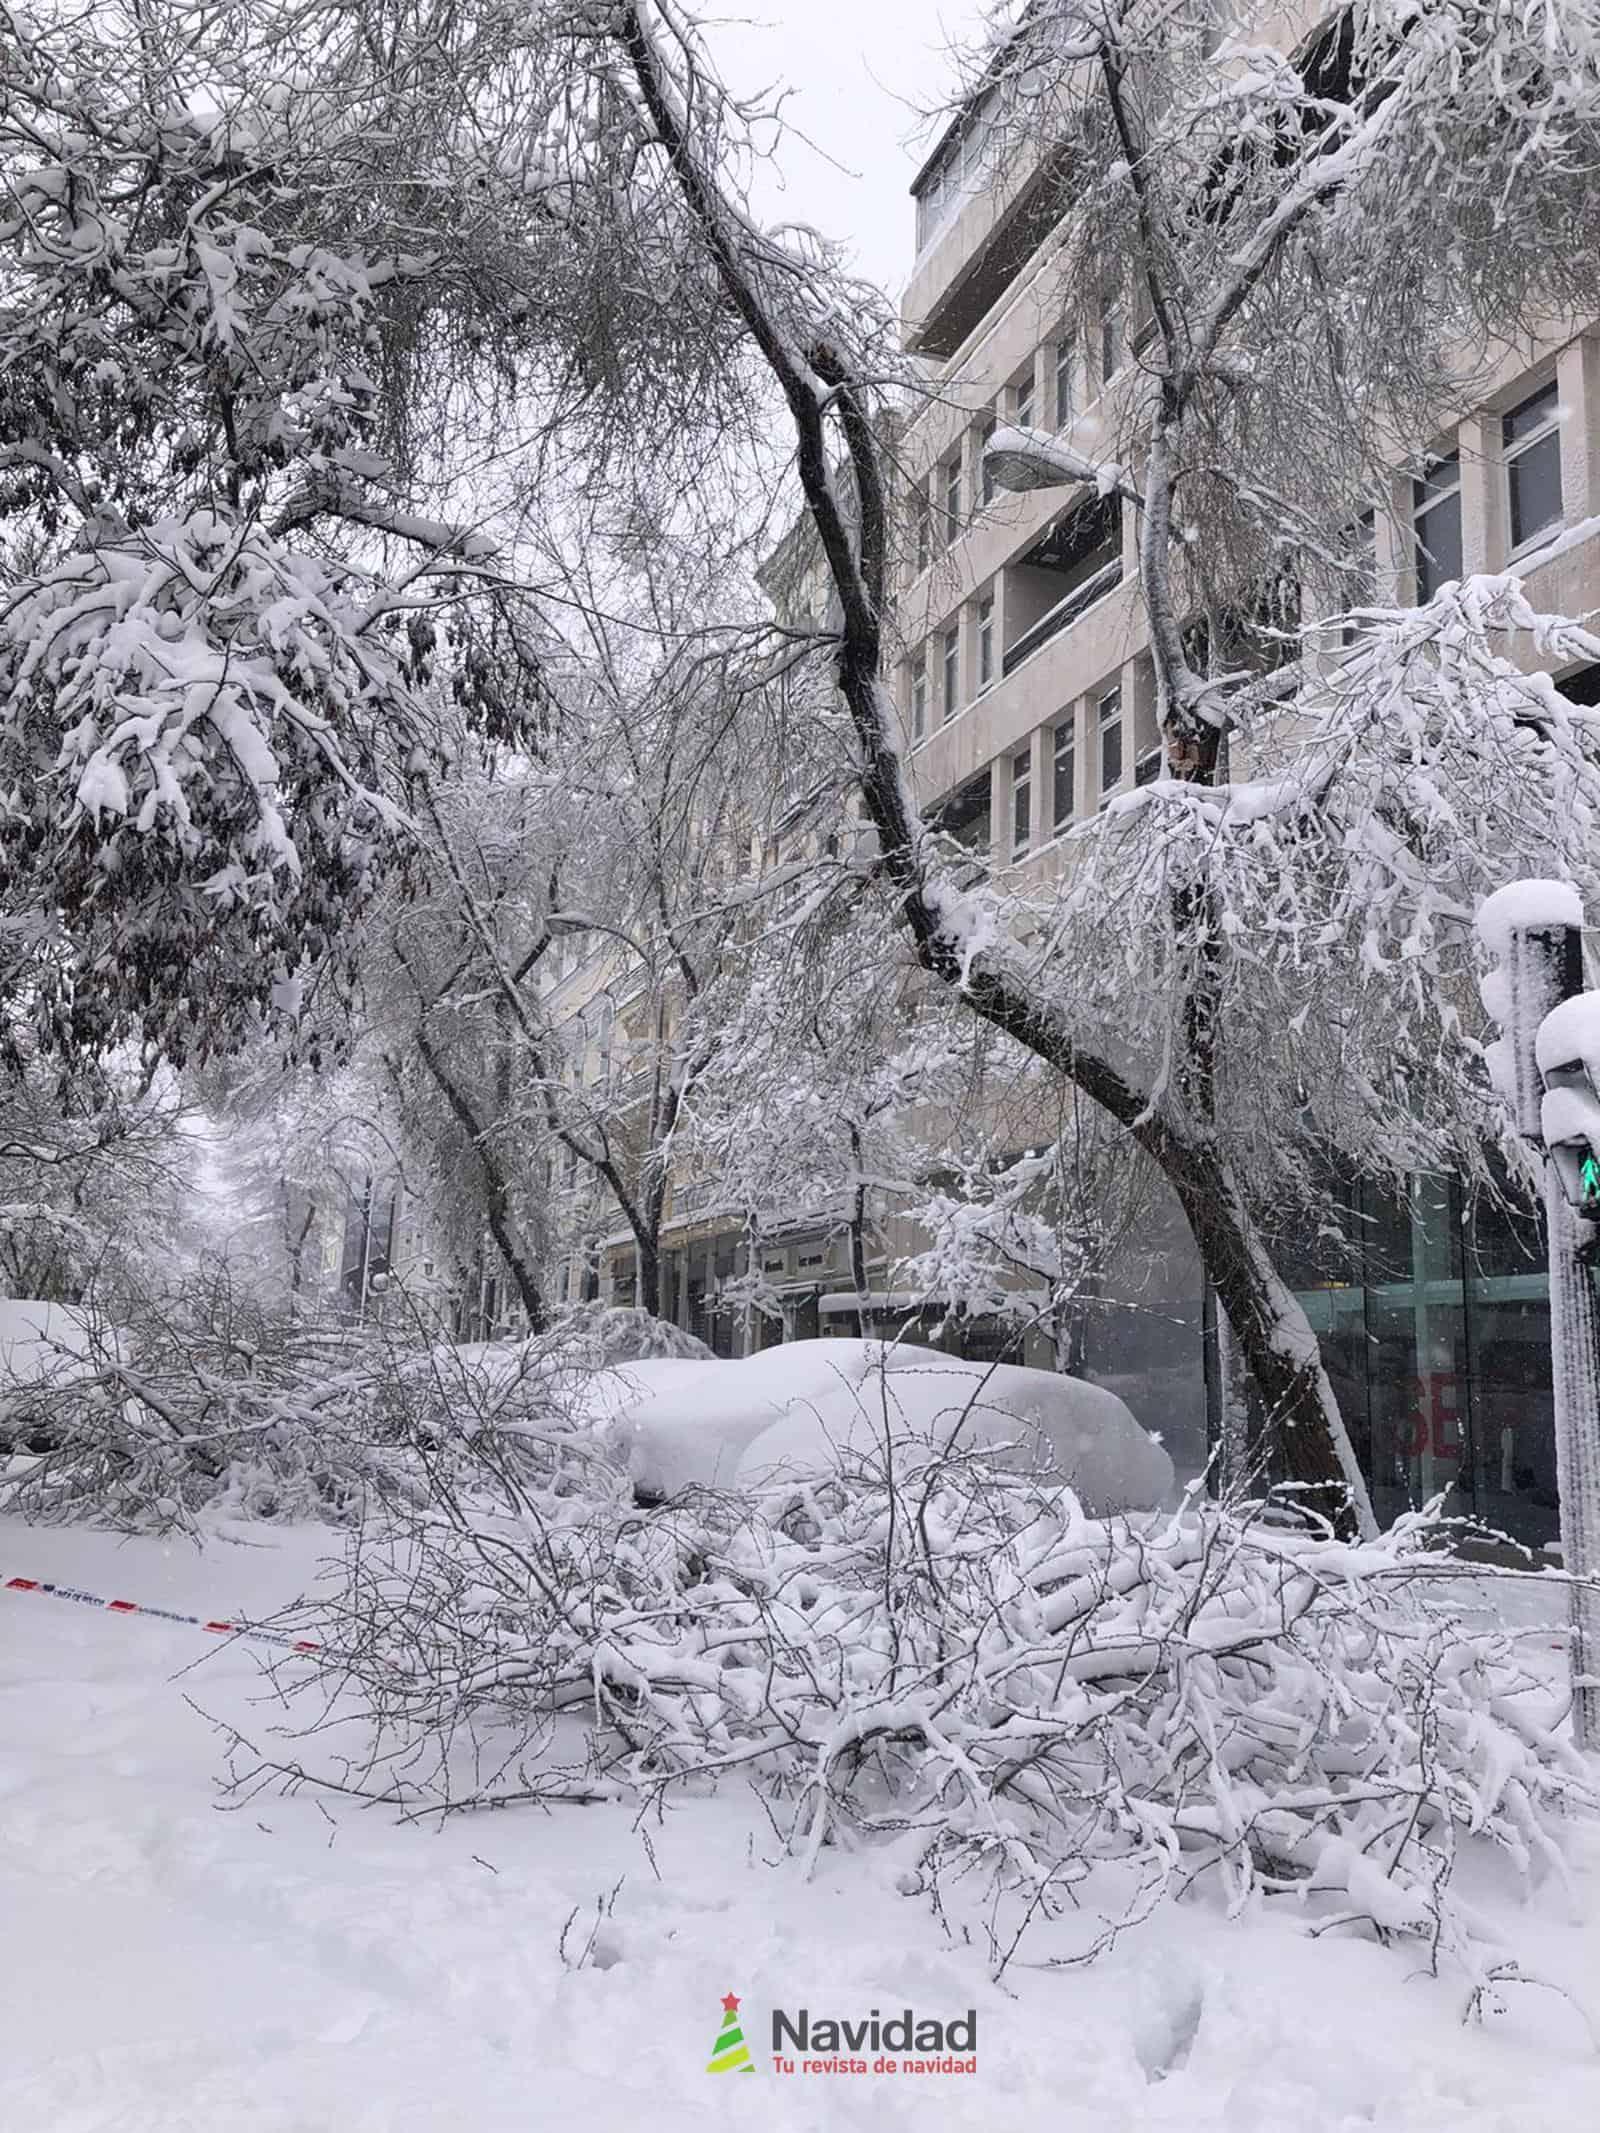 Fotografías de la nevada de enero en Madrid (España) 159